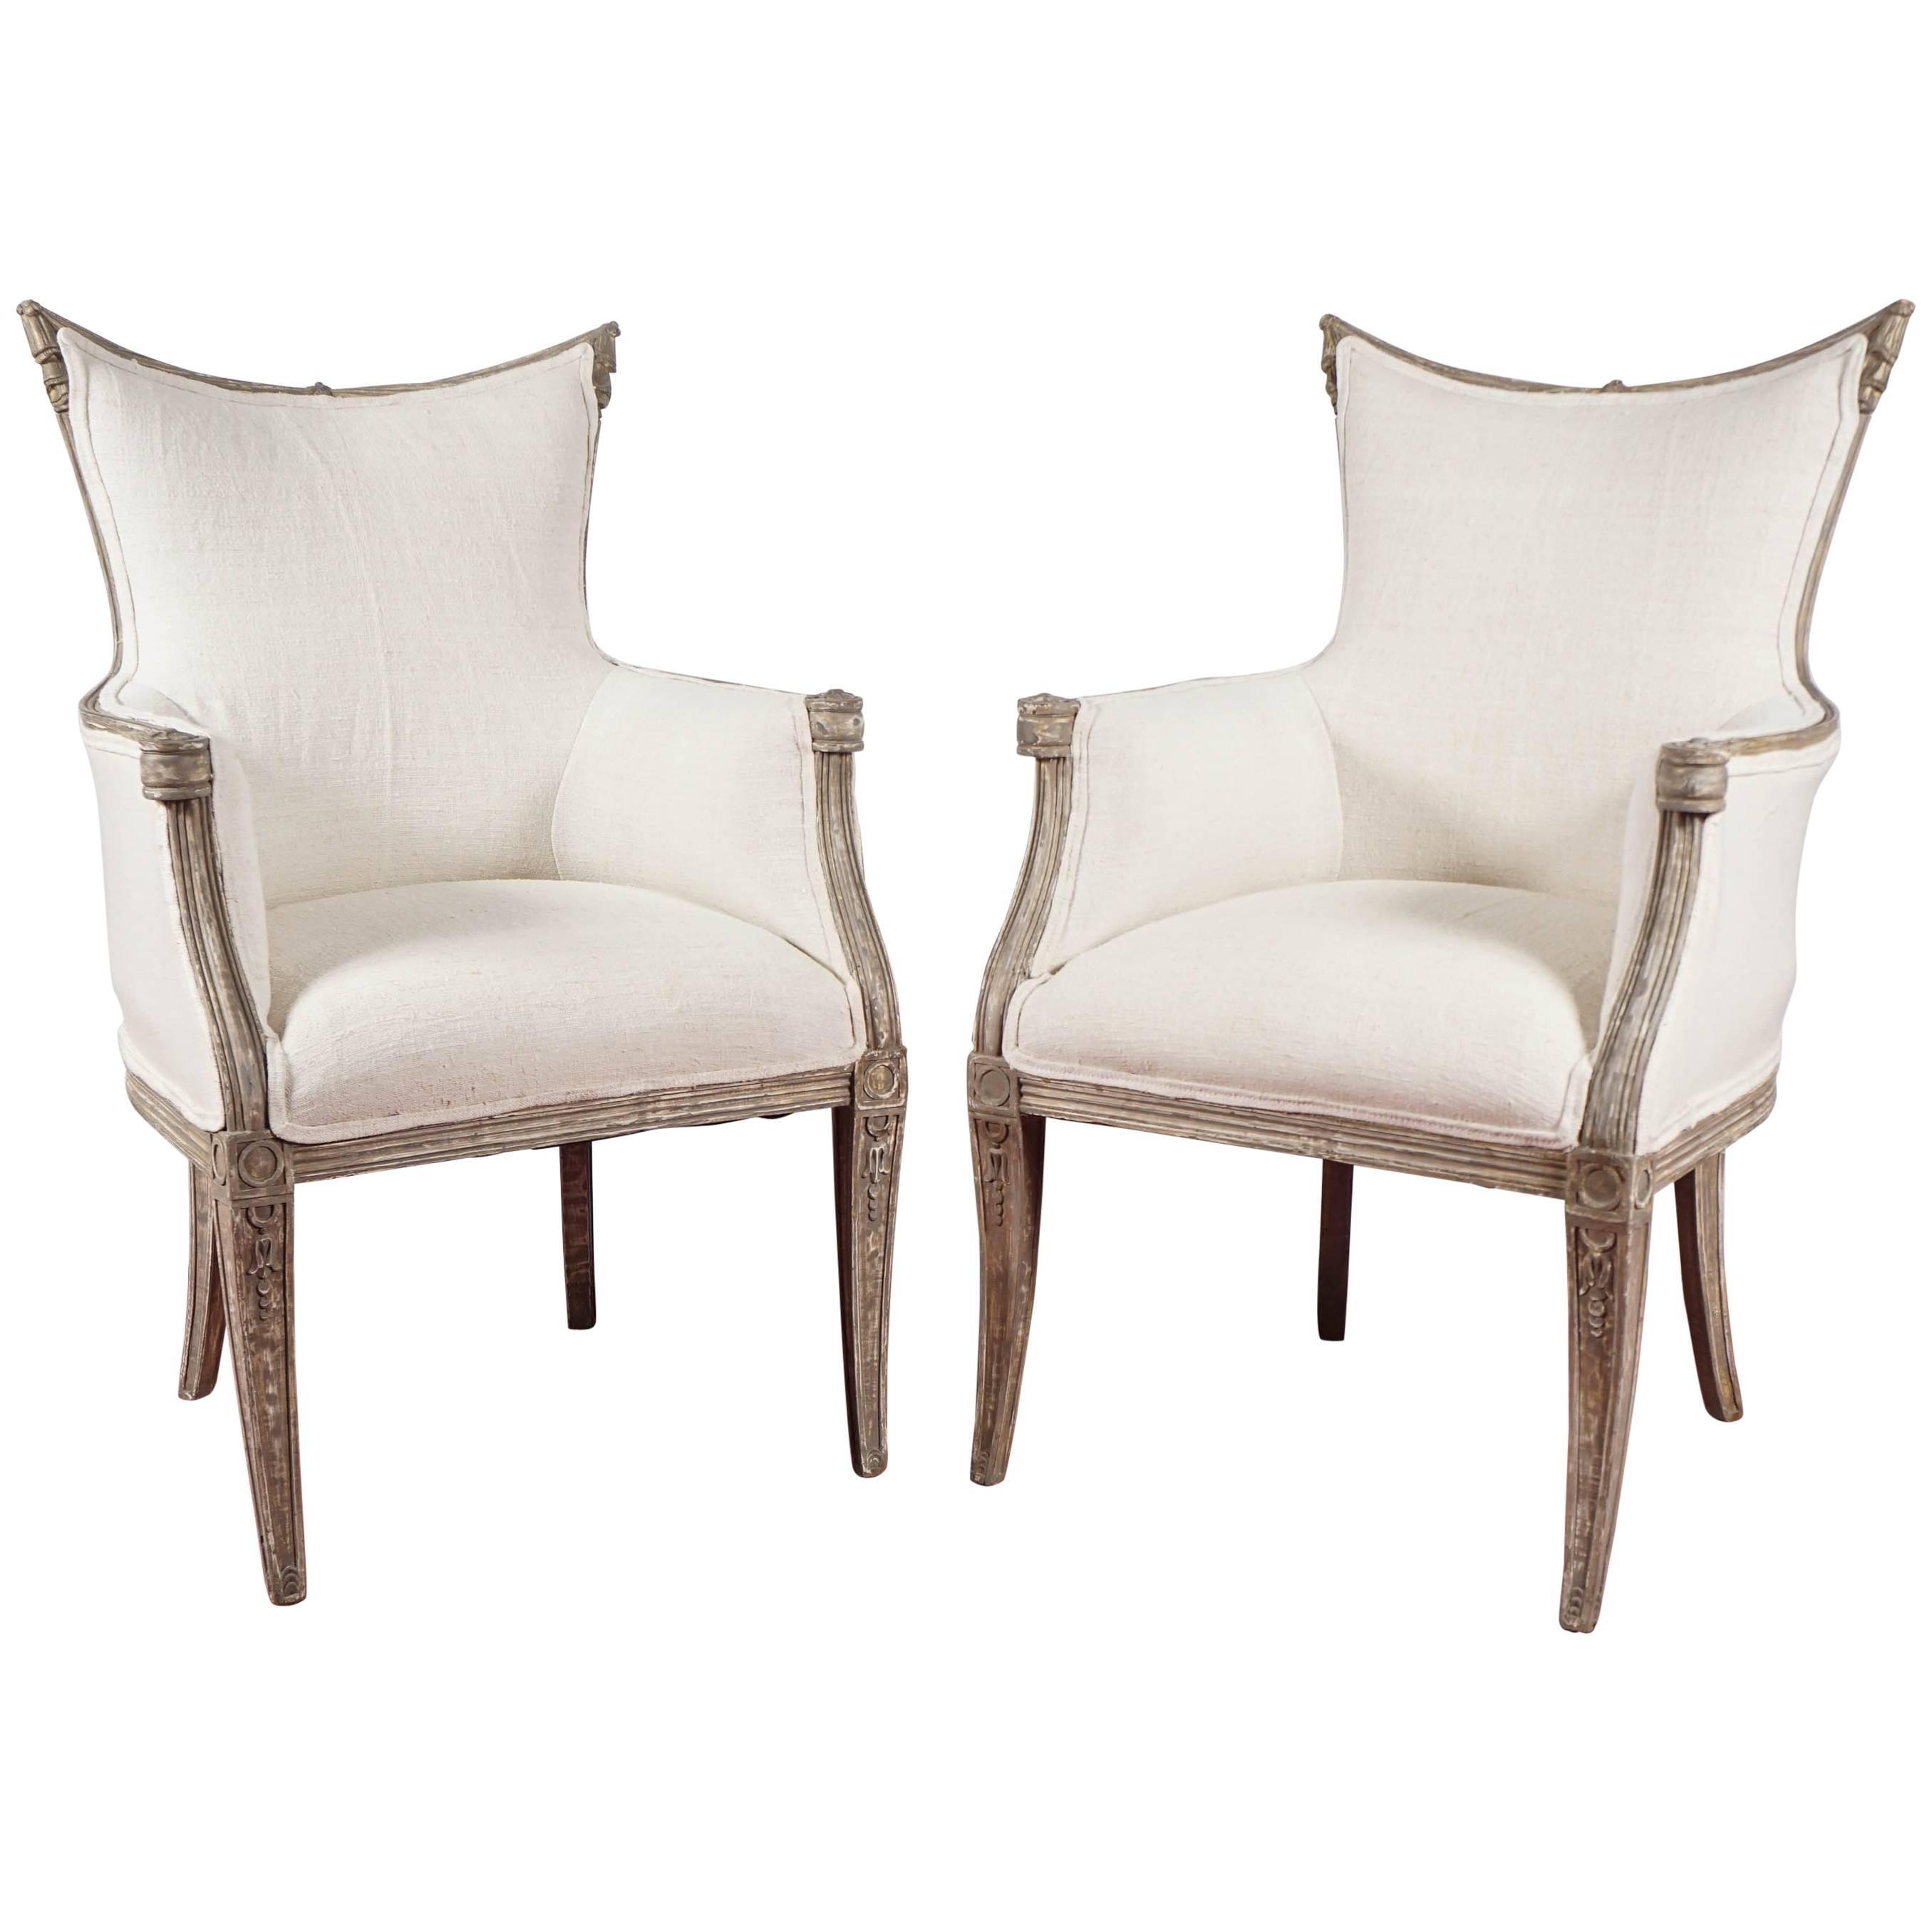 Pair of Regency Inspired Armchairs